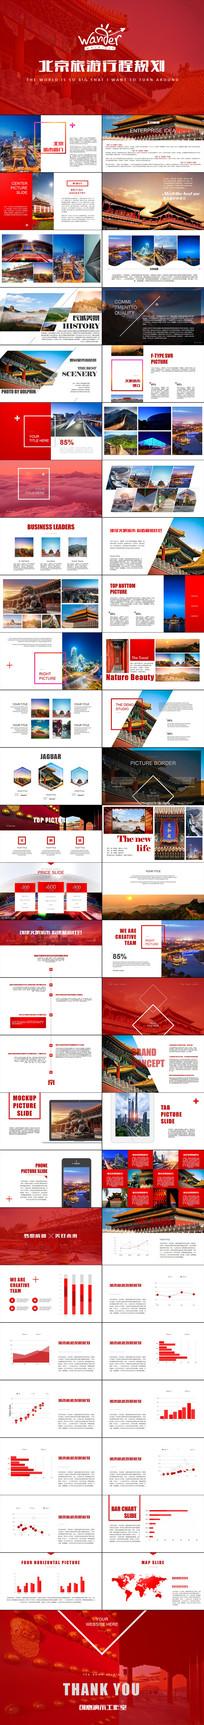 魅力北京旅游摄影相册旅游介绍PPT